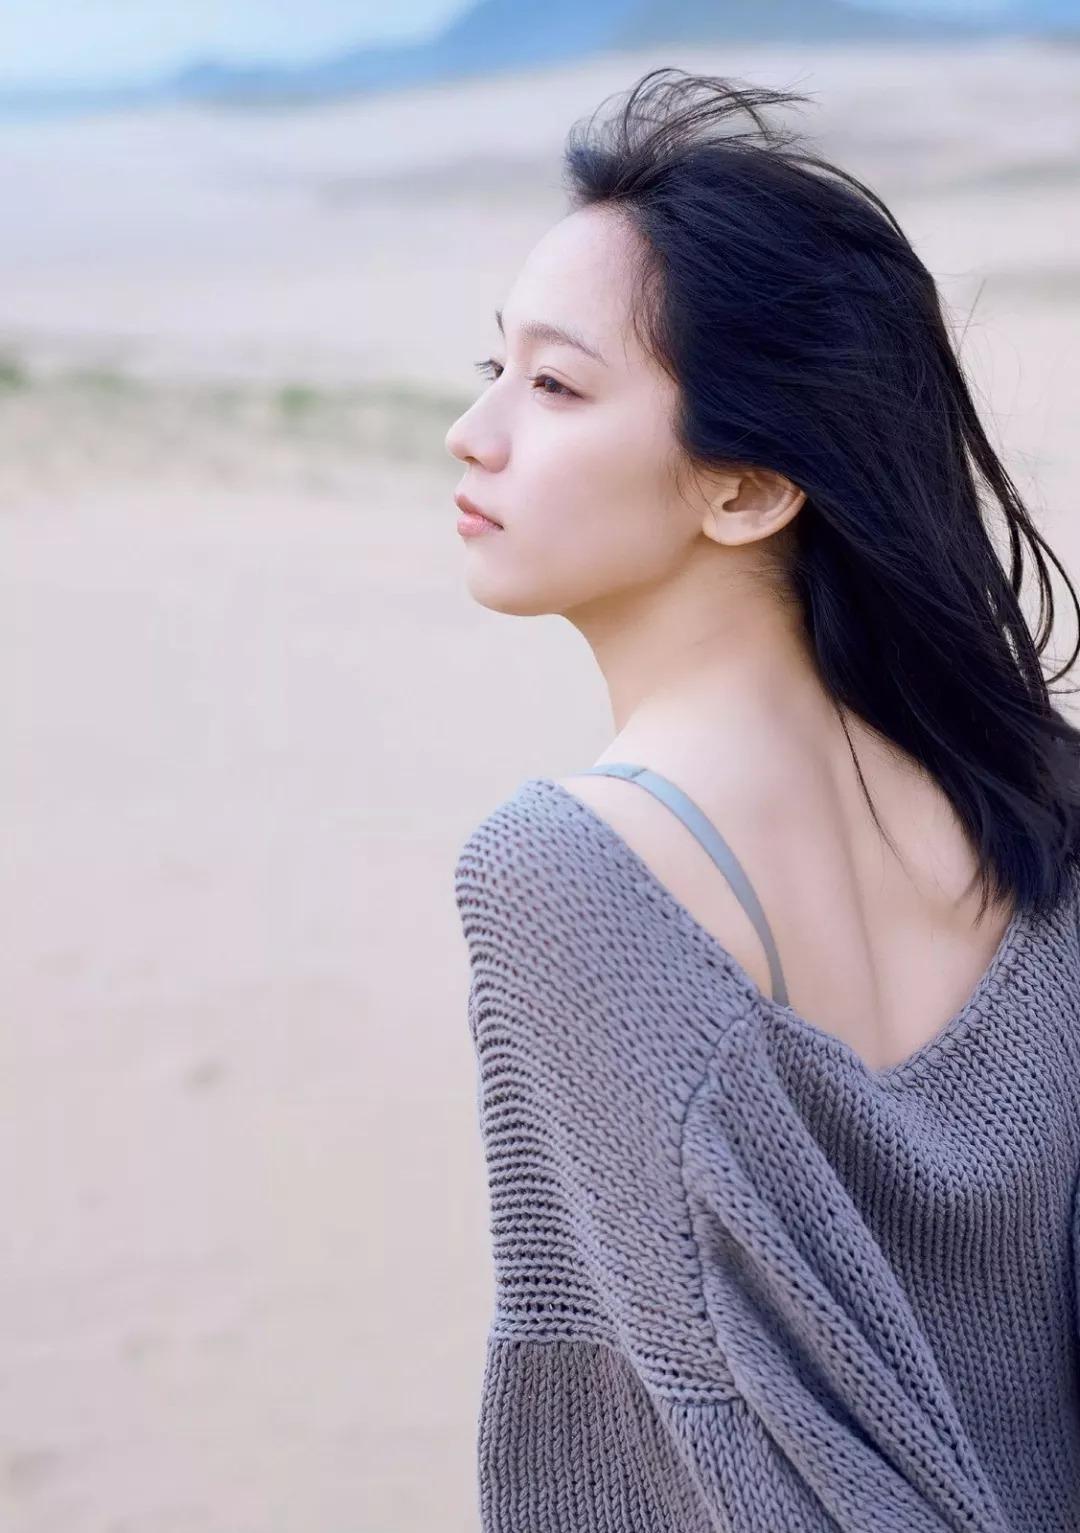 治愈系魔性之女吉冈里帆写真作品 (122)